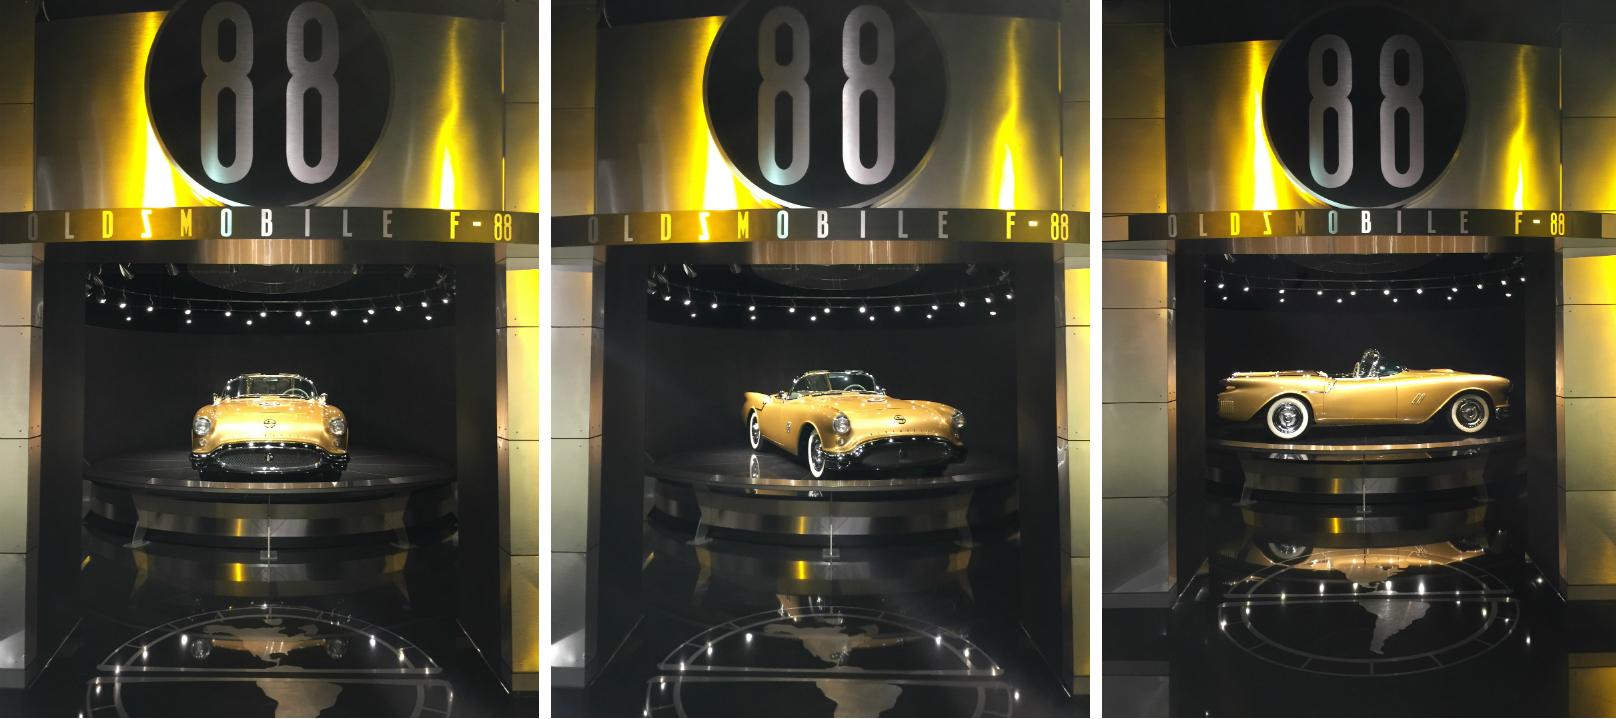 Oldsmobile F-88